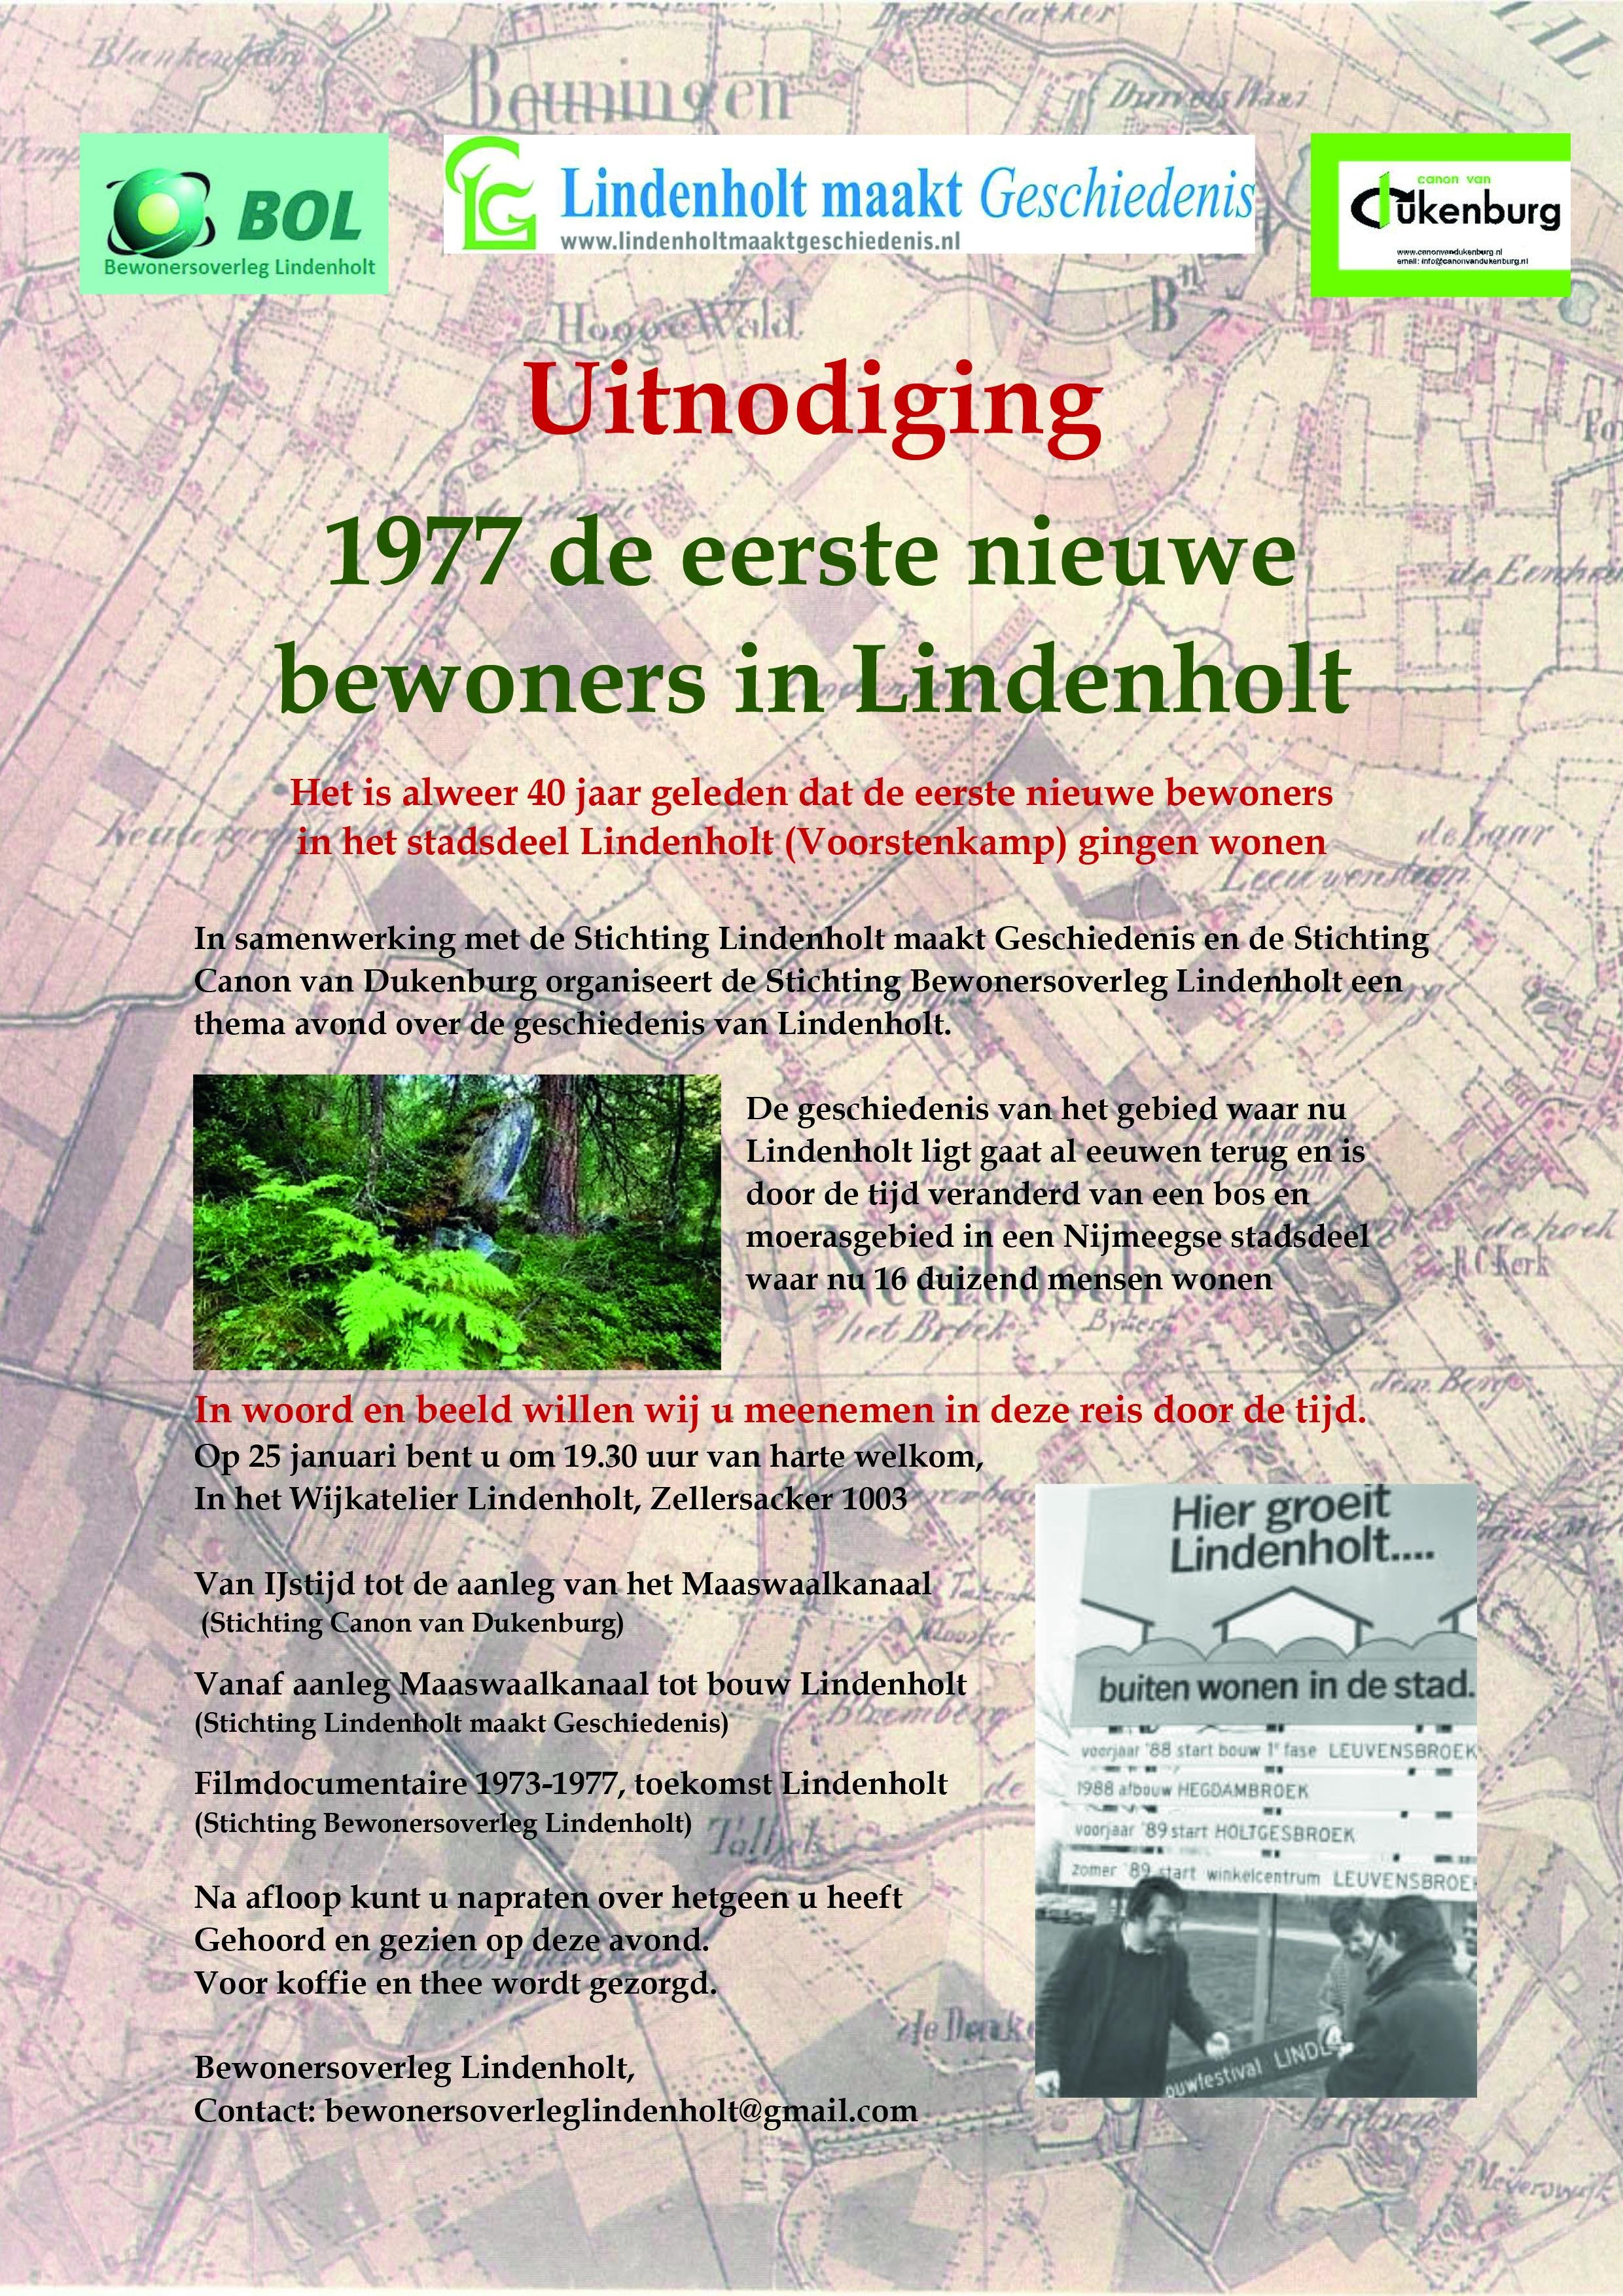 Uitnodiging 1977 de eerste nieuwe bewoners in Lindenholt Het is alweer 40 jaar geleden dat de eerste nieuwe bewoners in het stadsdeel Lindenholt (Voorstenkamp) gingen wonen